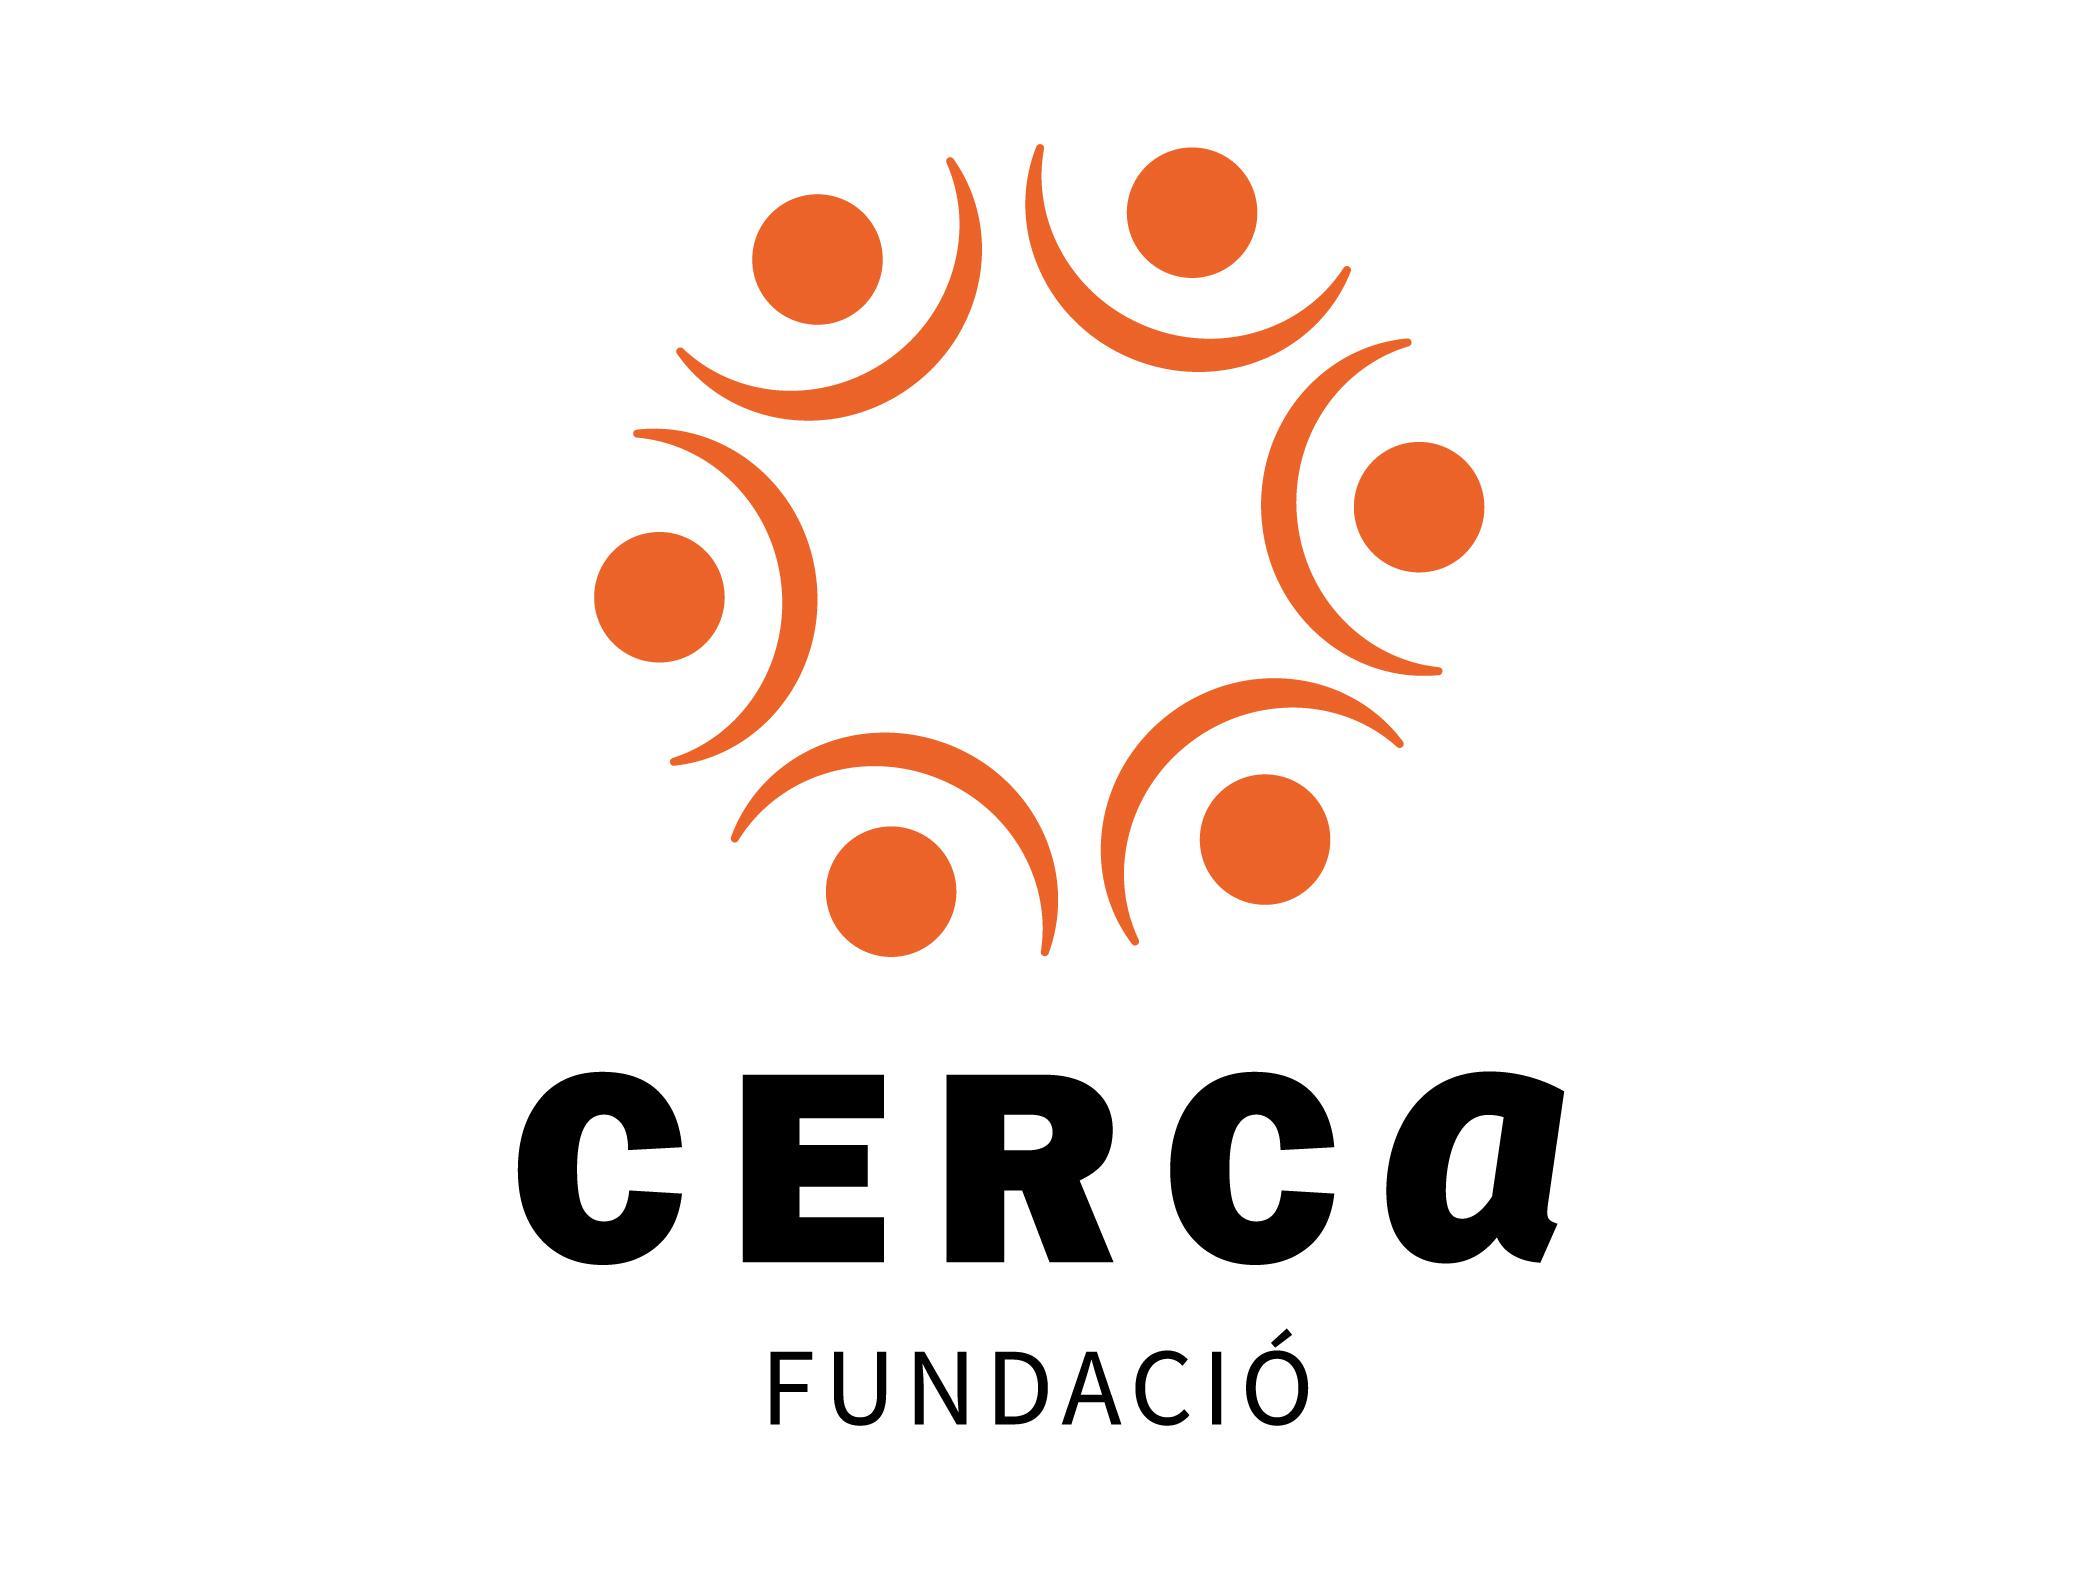 Fundació Cerca